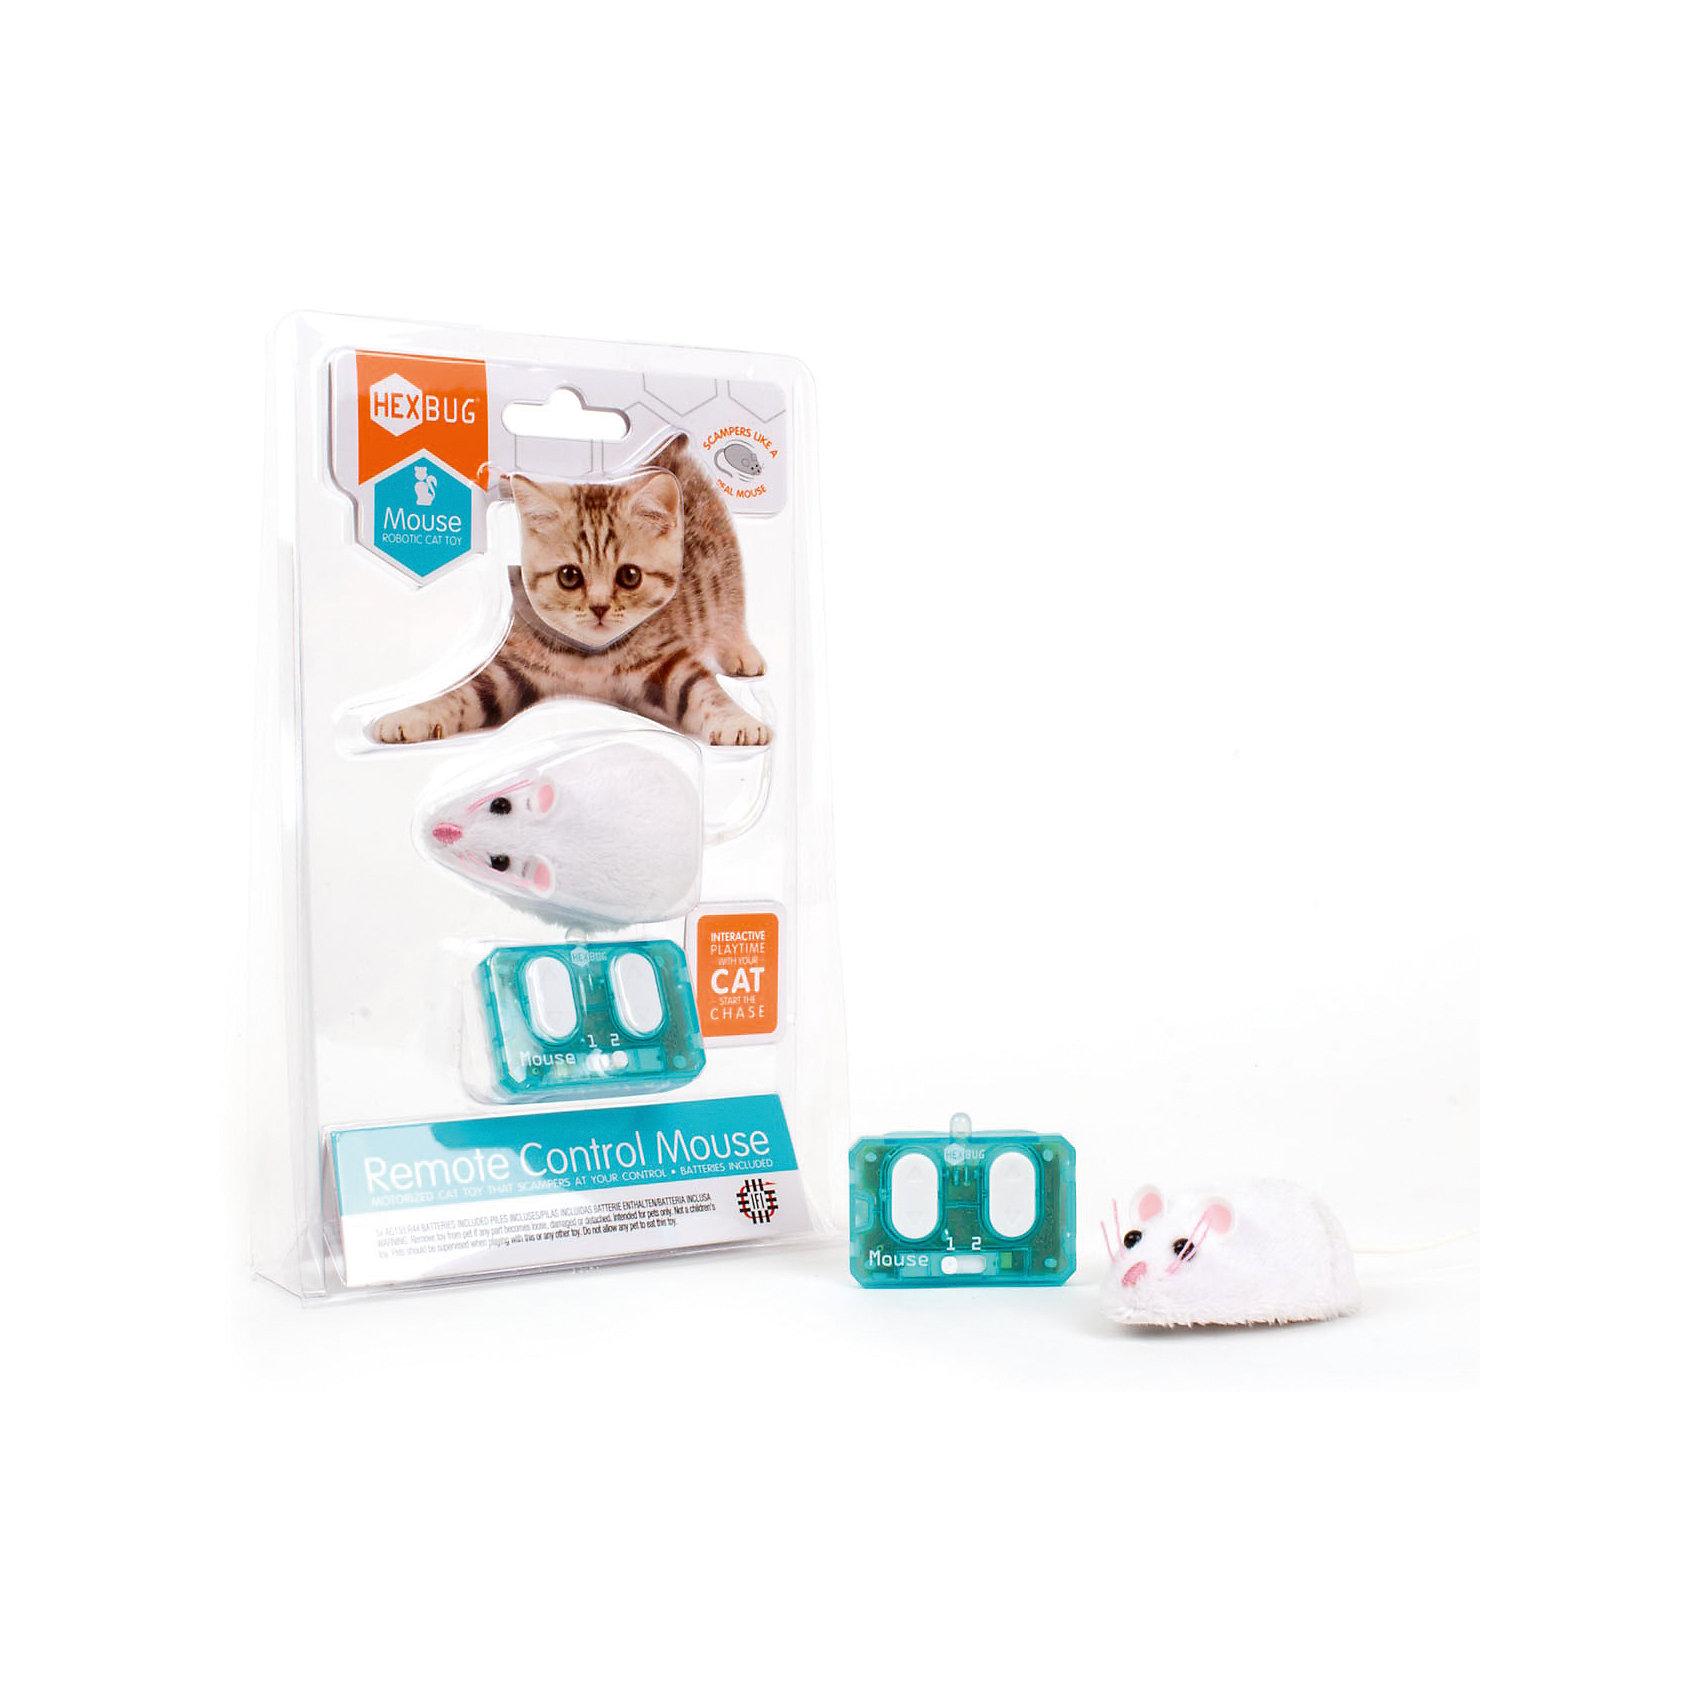 Микро-робот Mouse Cat Toy на радиоуправлении, HexbugПрочие интерактивные игрушки<br><br><br>Ширина мм: 9999<br>Глубина мм: 9999<br>Высота мм: 9999<br>Вес г: 9999<br>Возраст от месяцев: 36<br>Возраст до месяцев: 2147483647<br>Пол: Унисекс<br>Возраст: Детский<br>SKU: 5506930